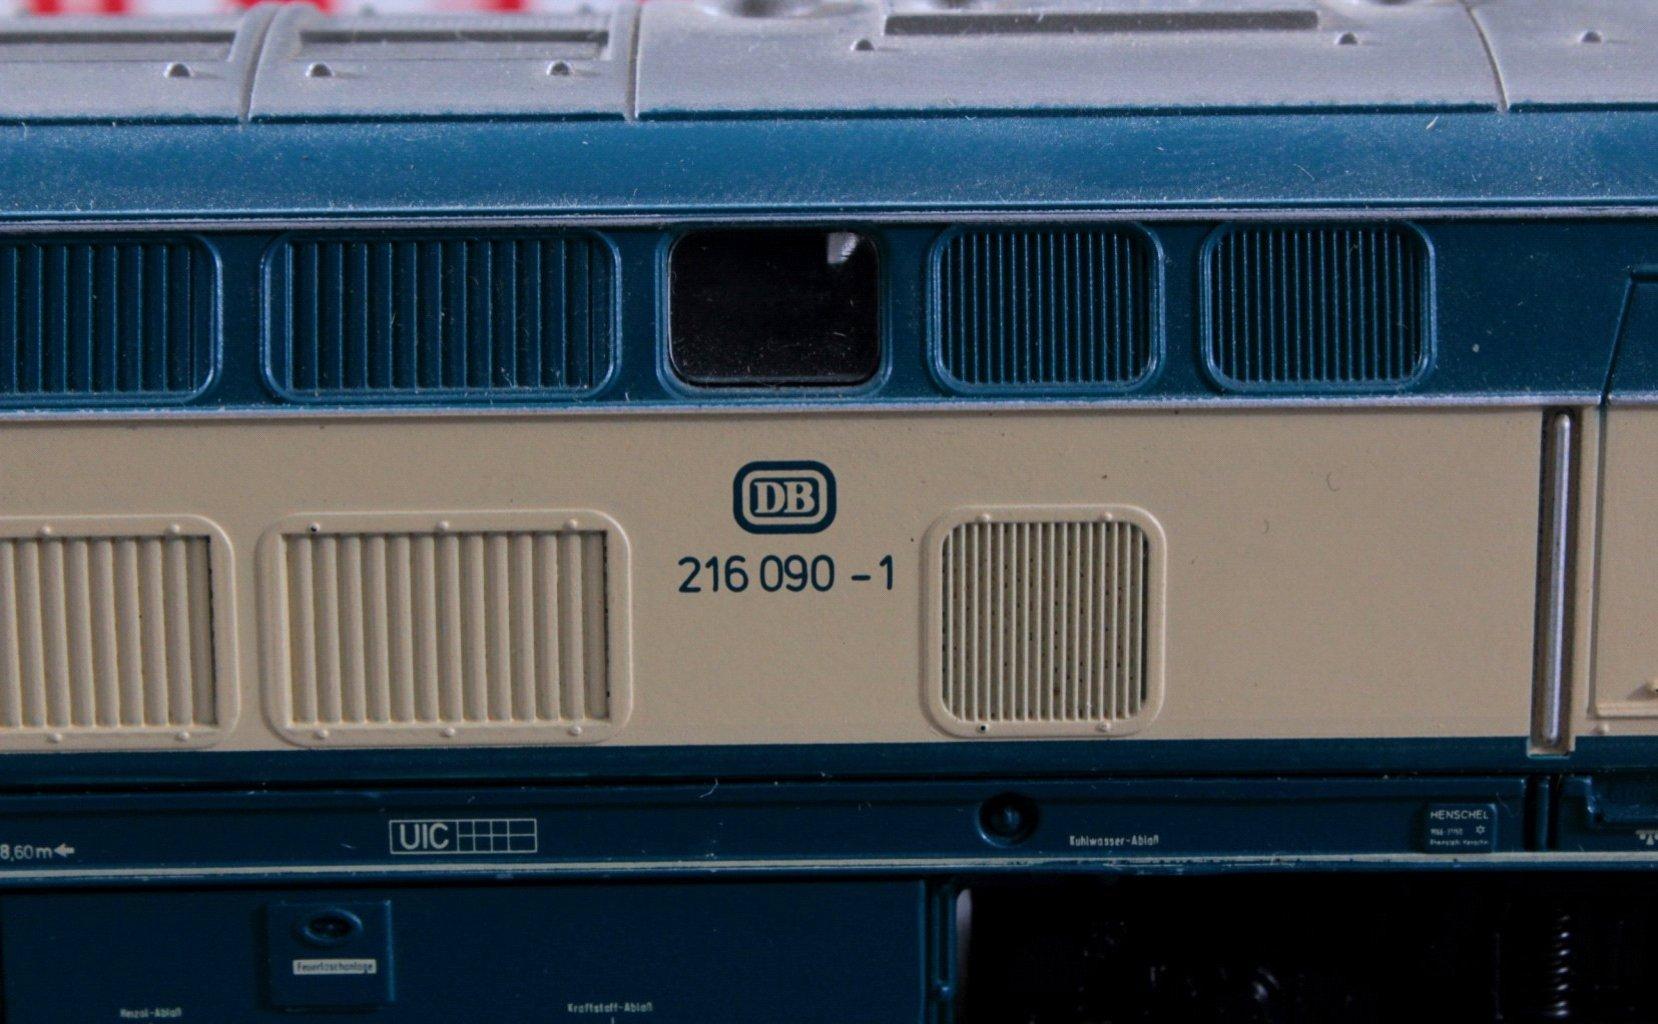 Märklin H0 3074 Diesel-Lok BR 216 090-1 DB in beige/blau mit-2